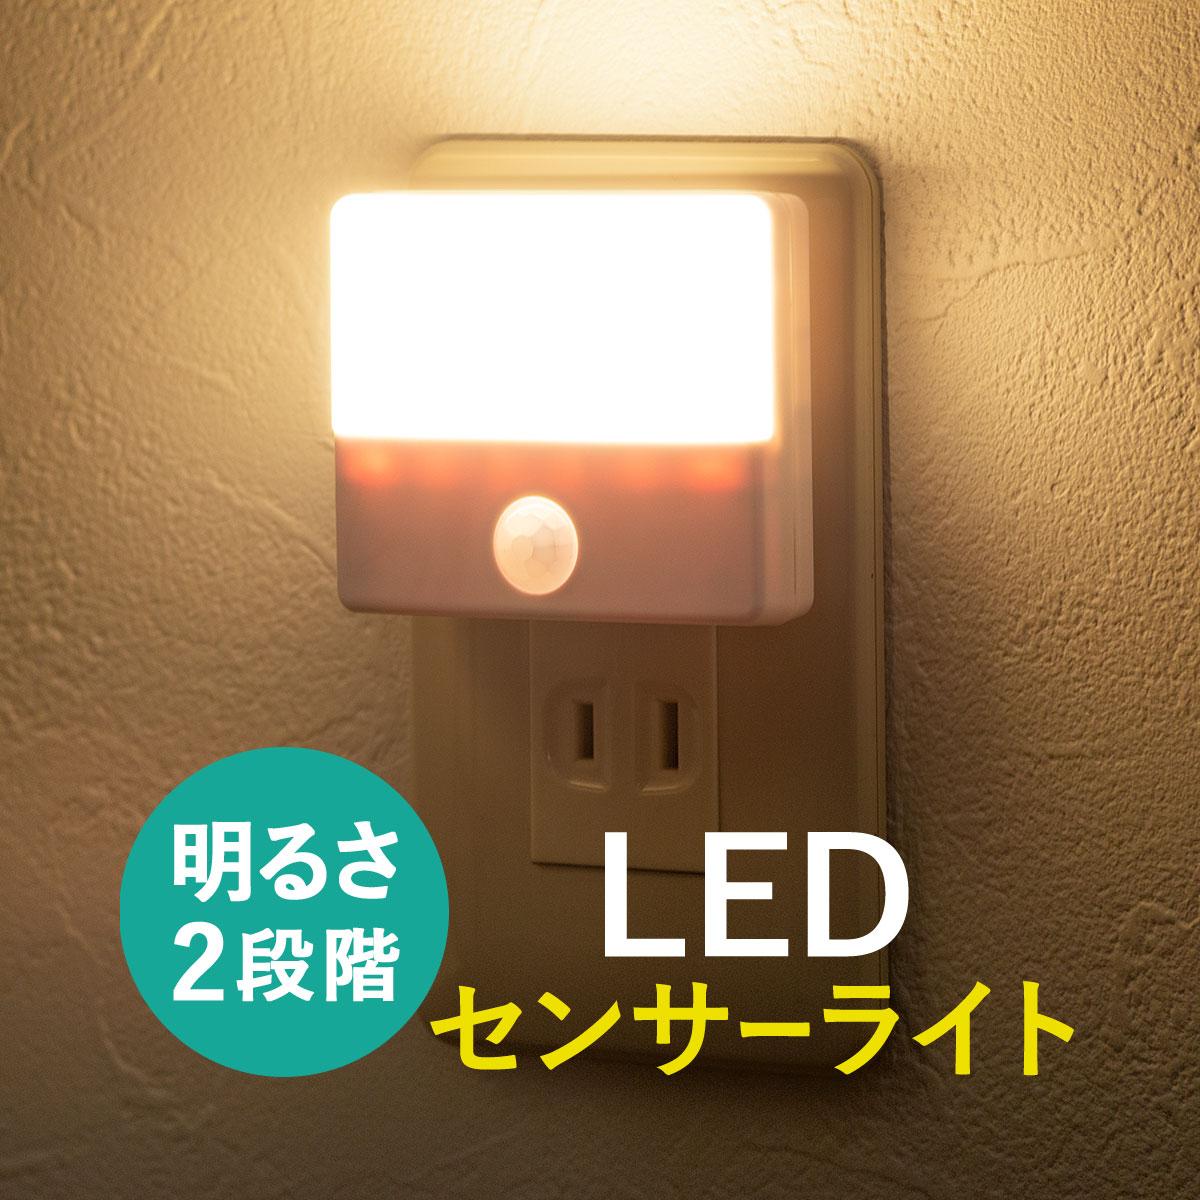 人感センサー付きLEDライト LEDライト AC電源 コンセント 室内 屋内用 薄型 小型 ナイトライト ホワイト 非常灯 防災 おしゃれ[800-LED026]【サンワダイレクト限定品】